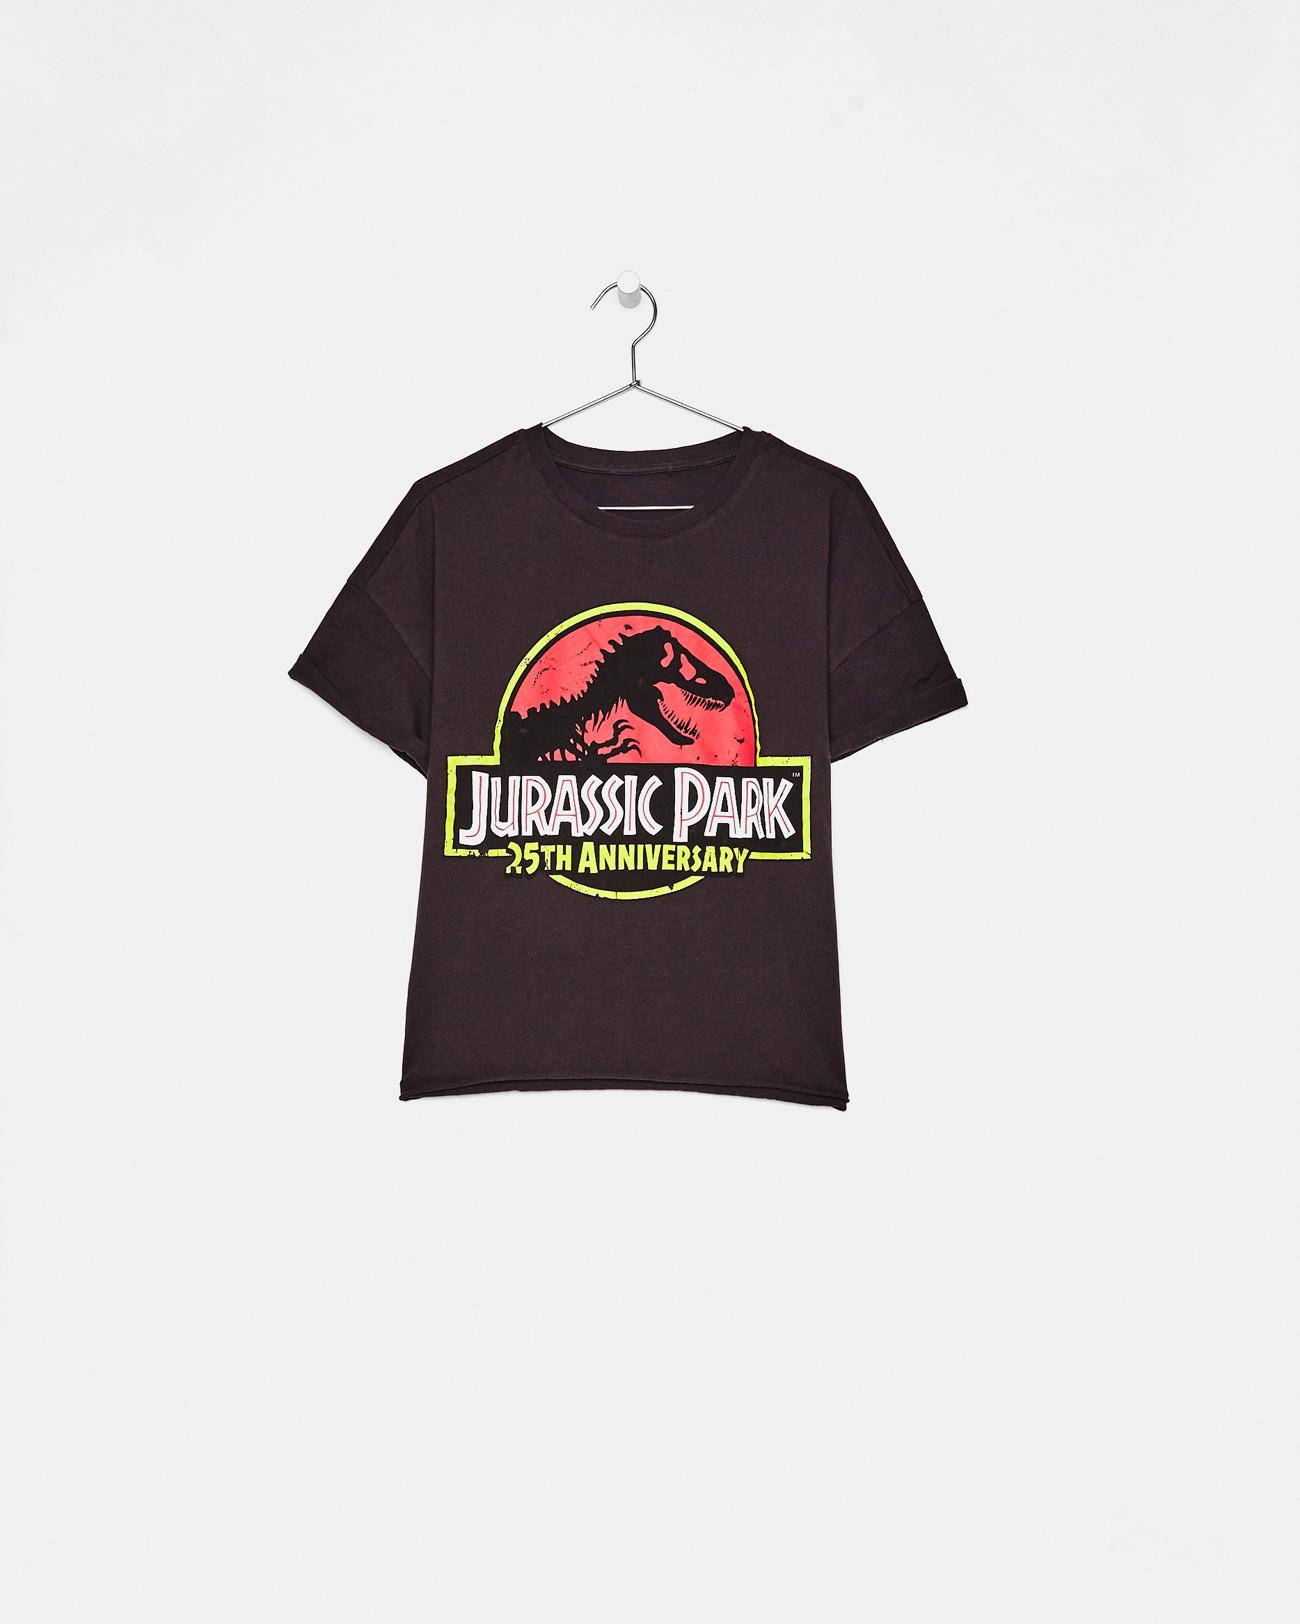 Jurassic Park T Shirt Printed Bershka Spain